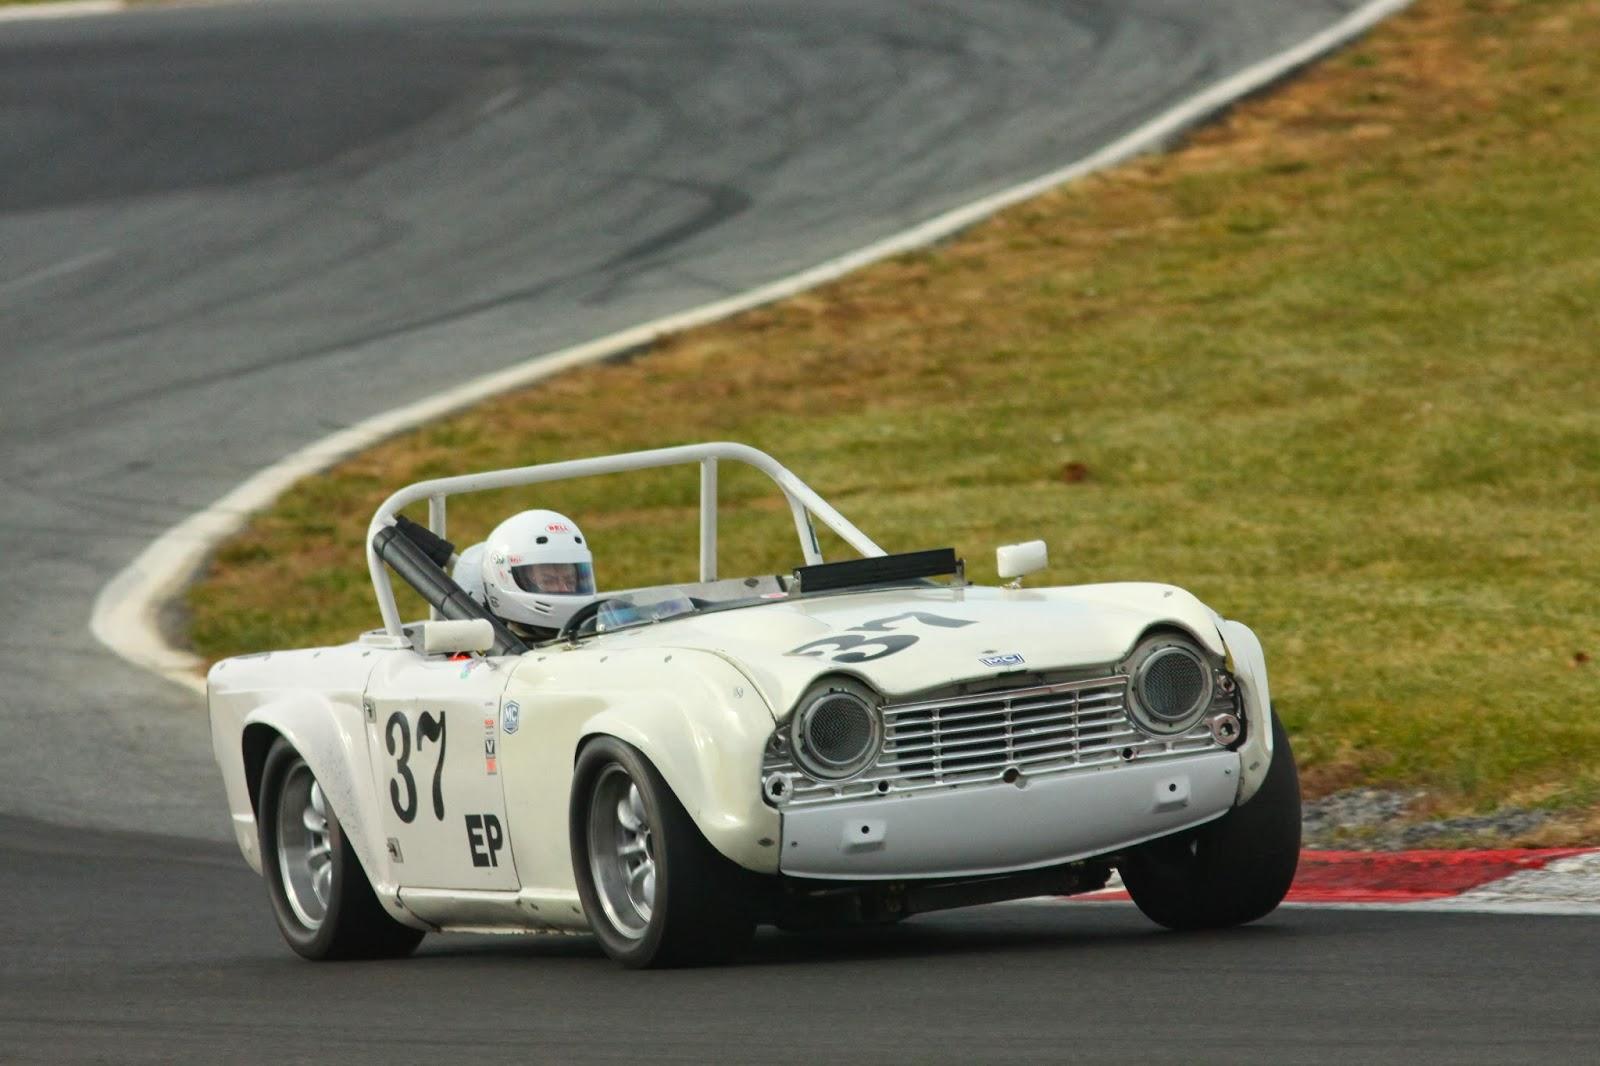 1963 Triumph Tr4 Race Car 1963 Triumph Tr4 Race Car